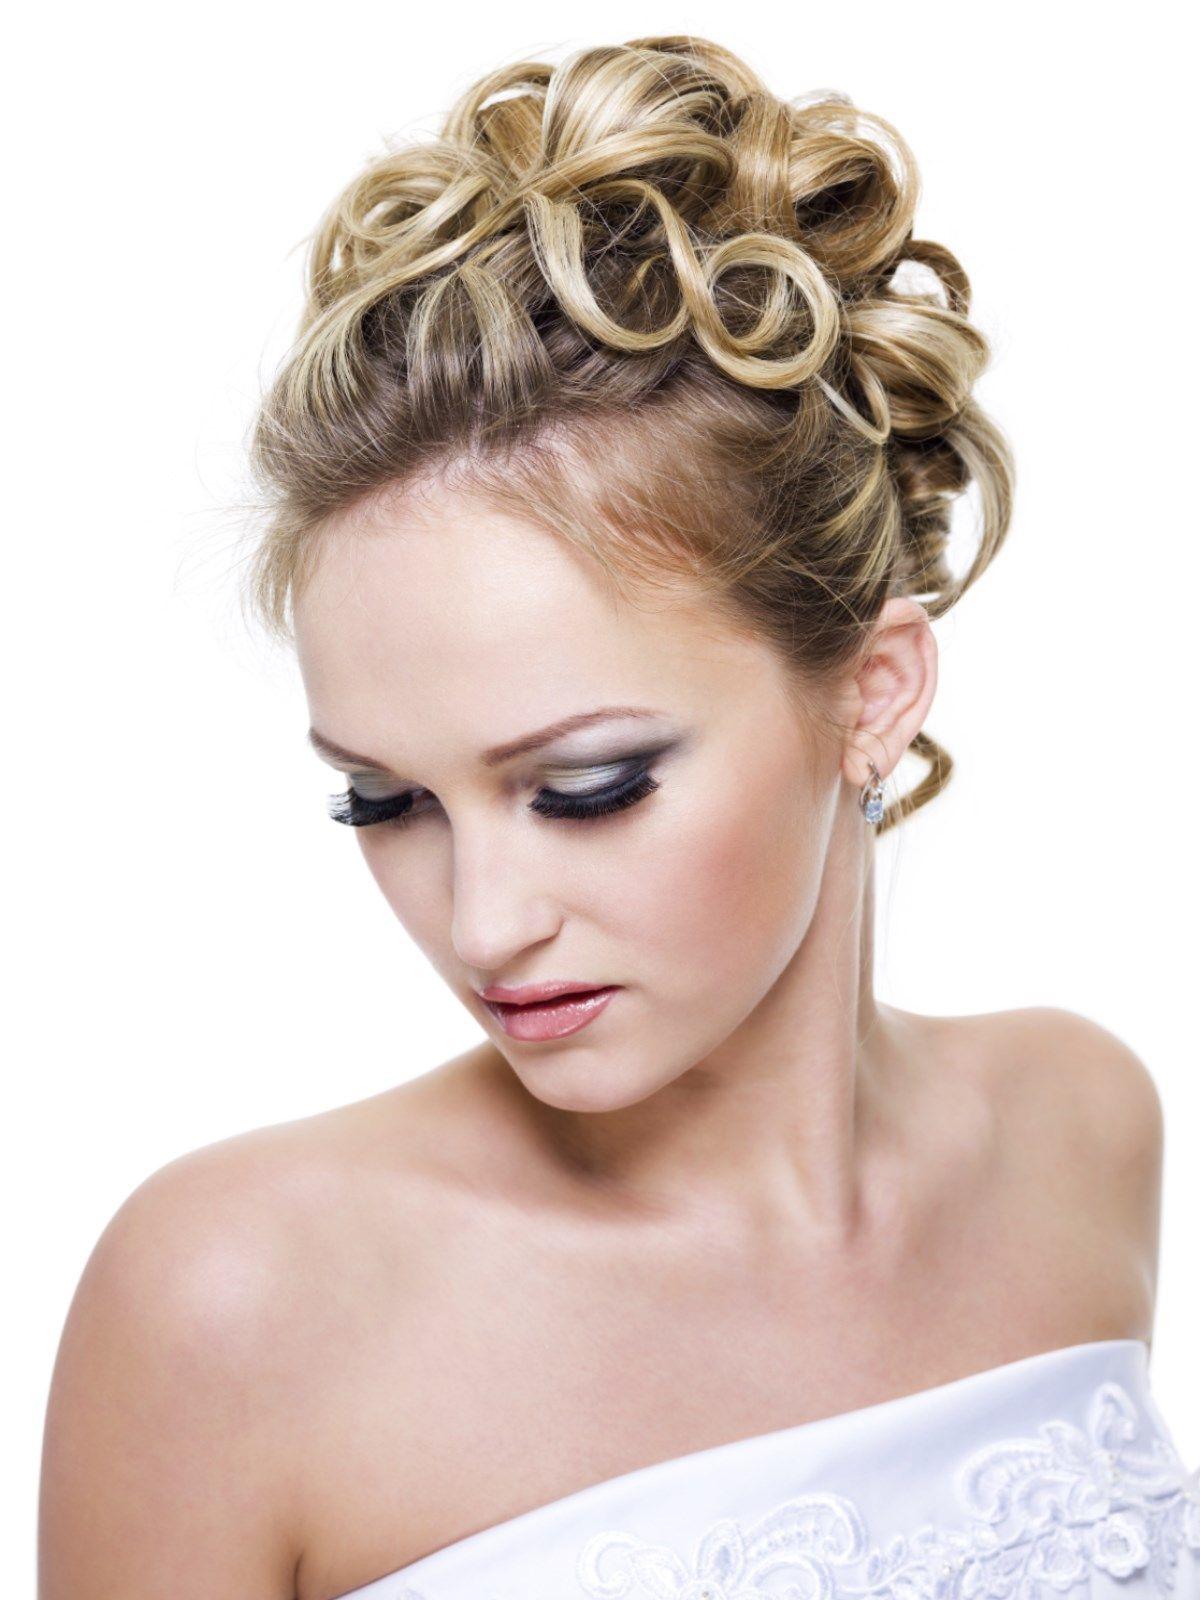 Libanesische Hochzeitsfrisur Makeup Haare Hochsteckfrisuren